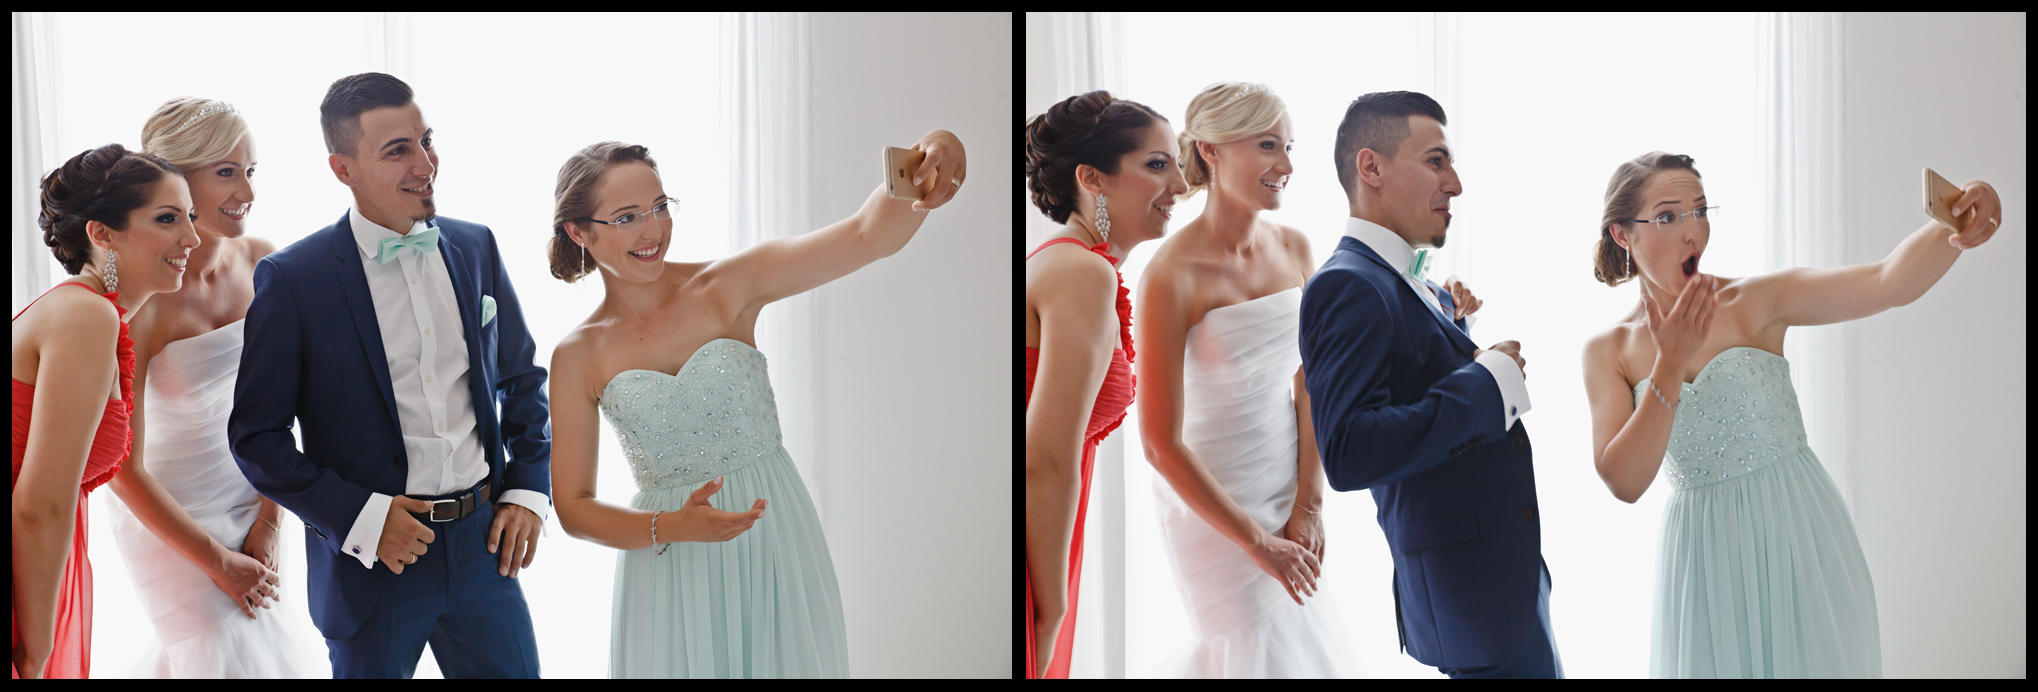 160709-Jelena&Ante-1400-8126_8129-Canon EOS 6D